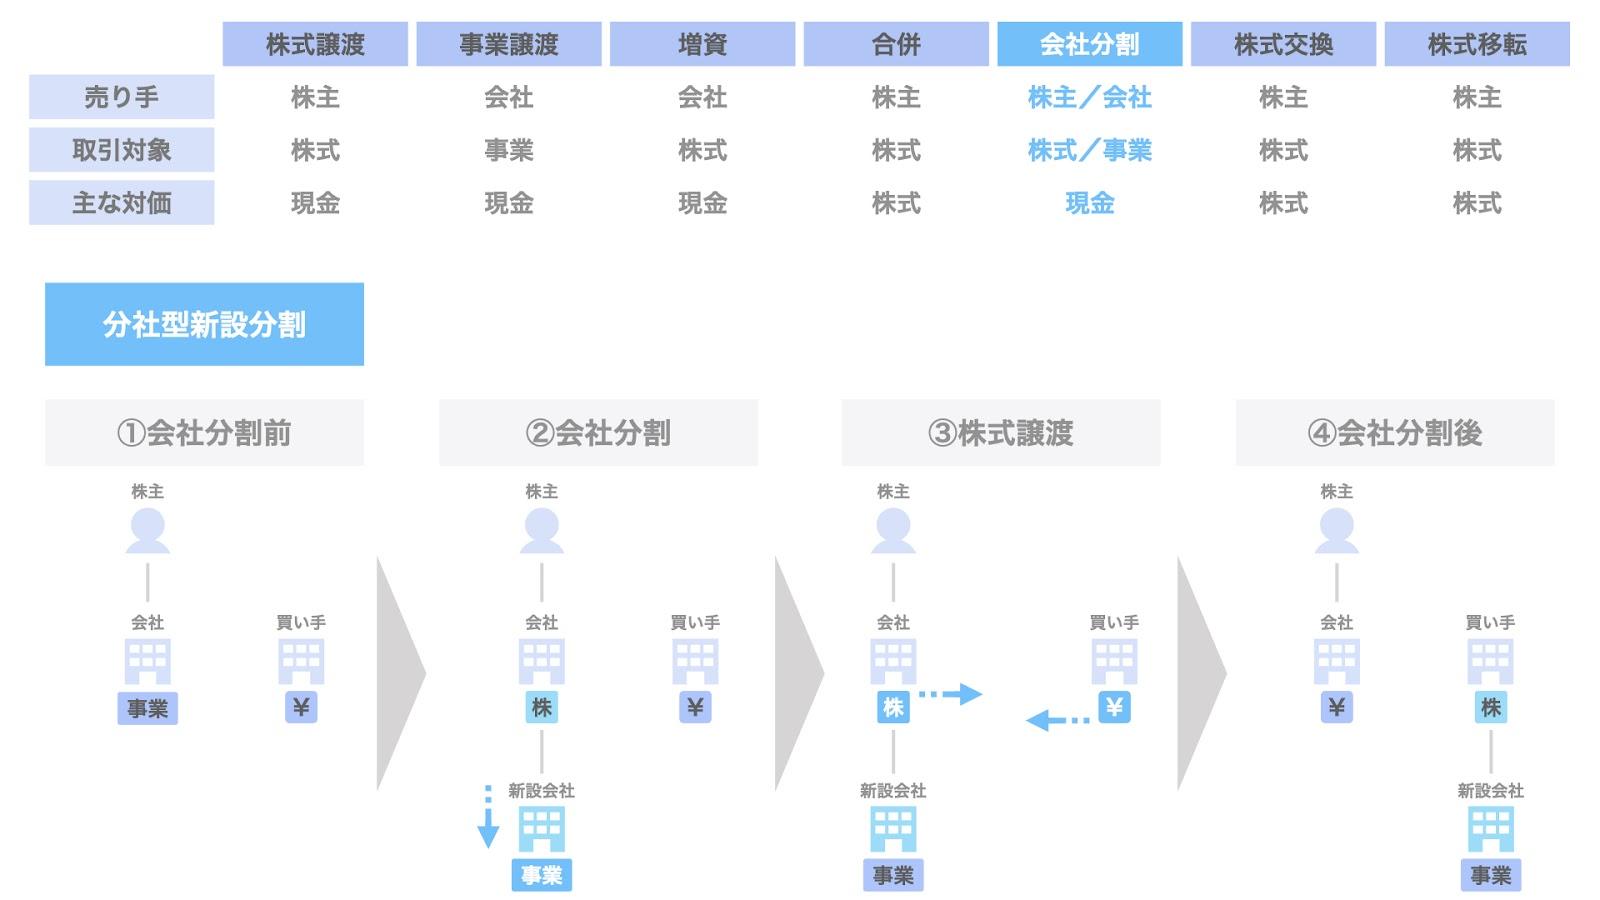 E-a. 分社型新設分割